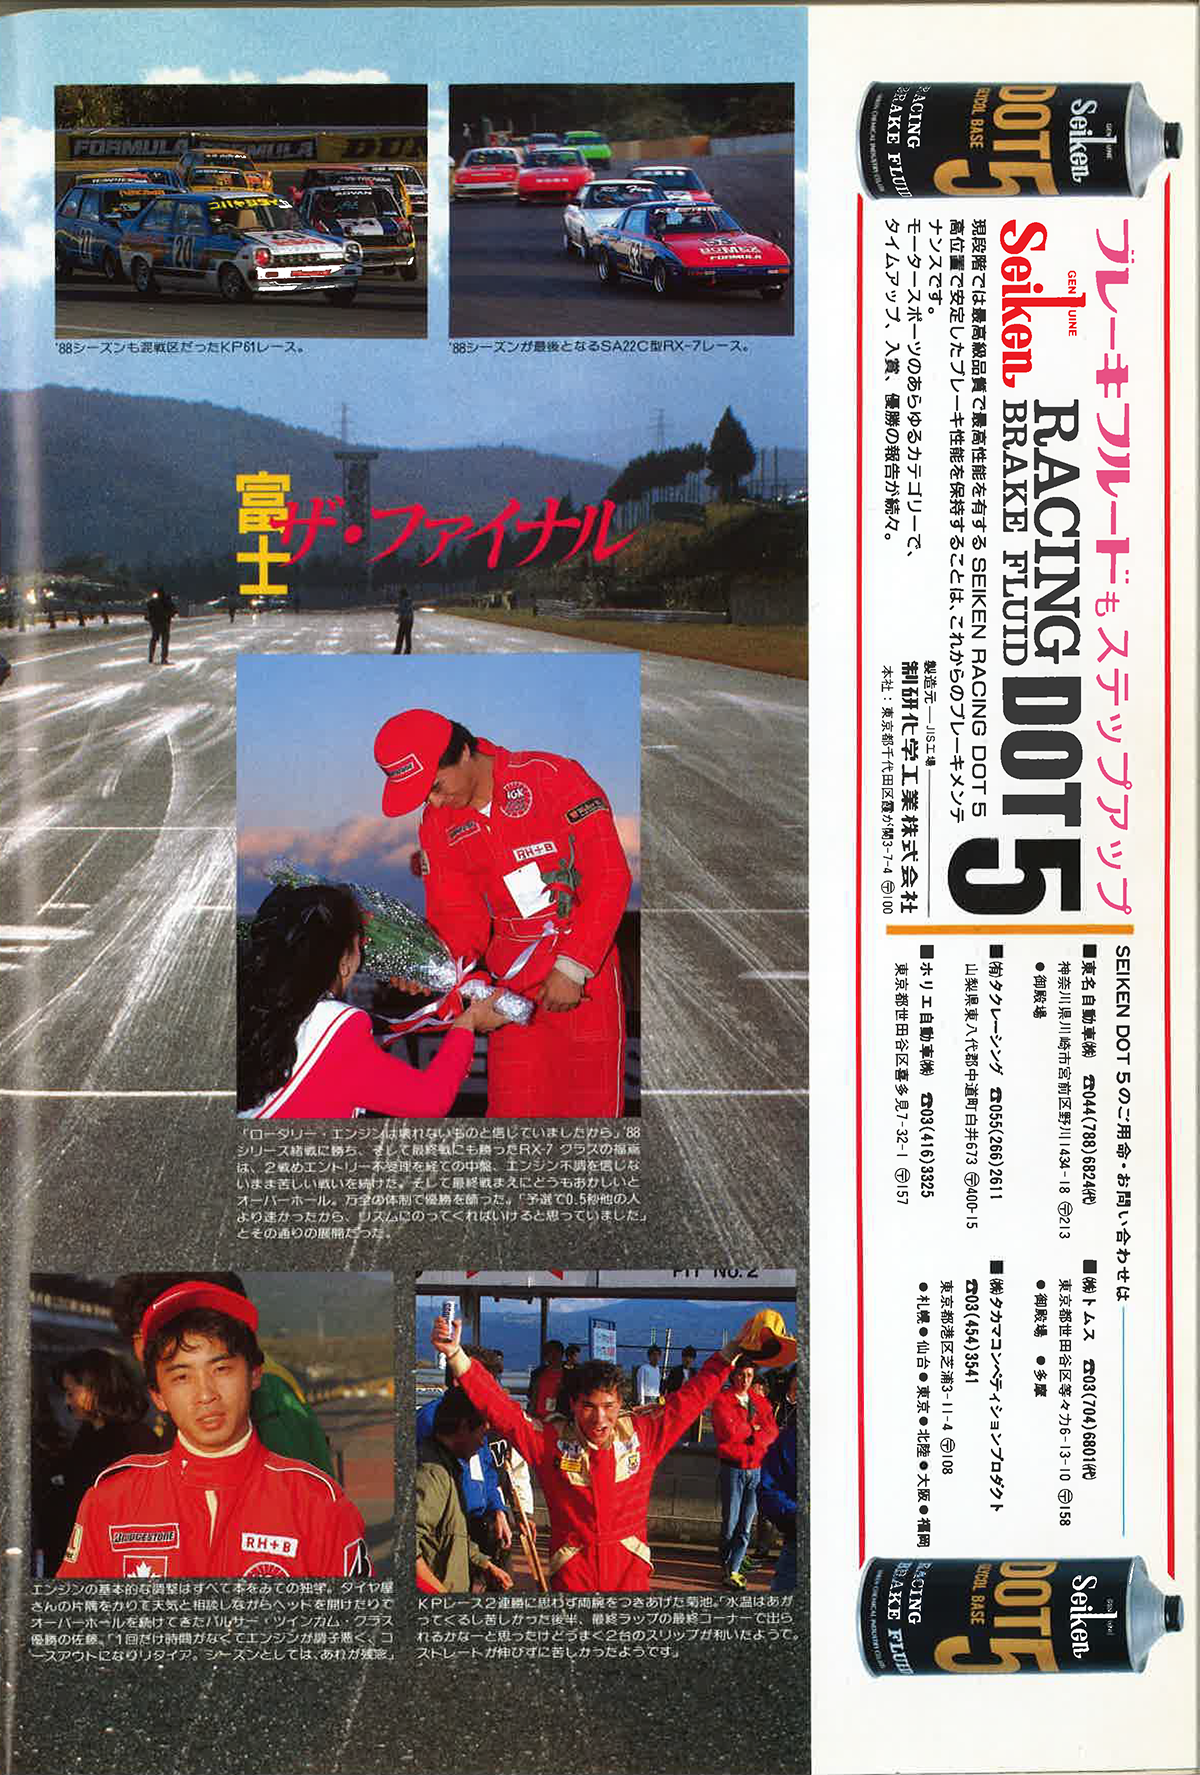 富士フレッシュマンレース